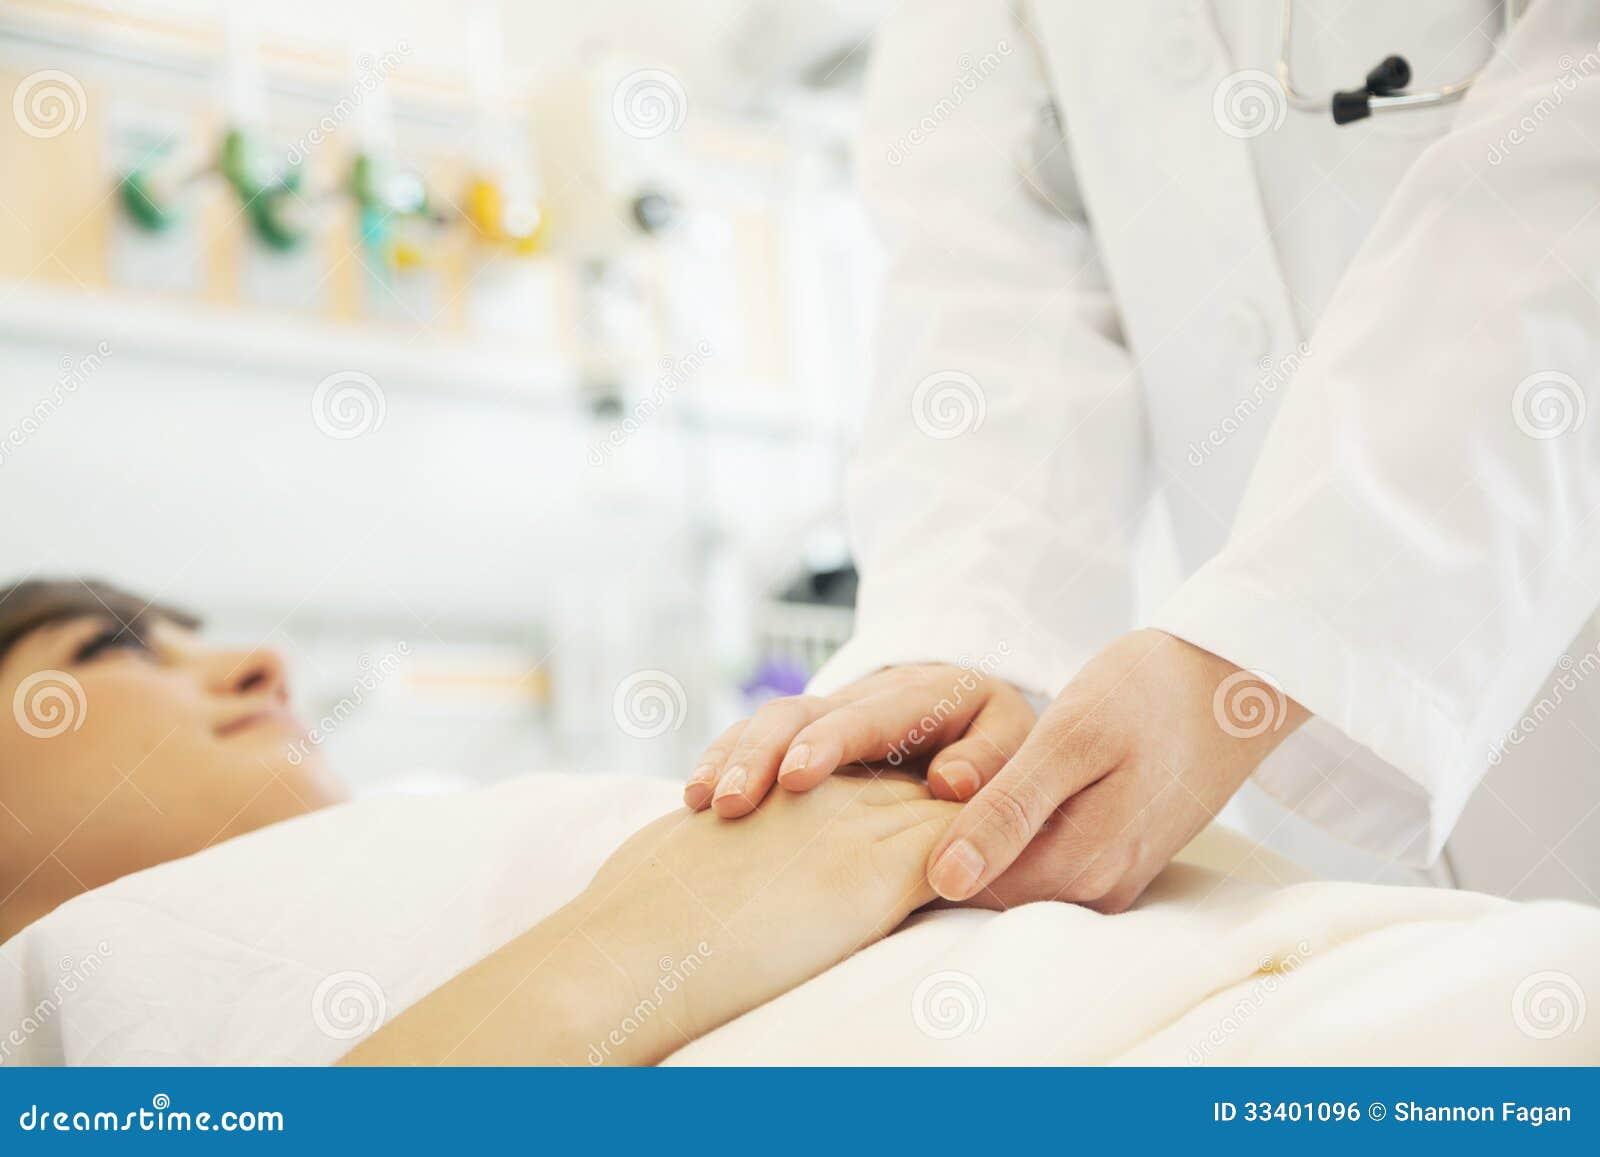 Cierre del doctor levantar las manos de los pacientes que se acuestan en una cama de hospital